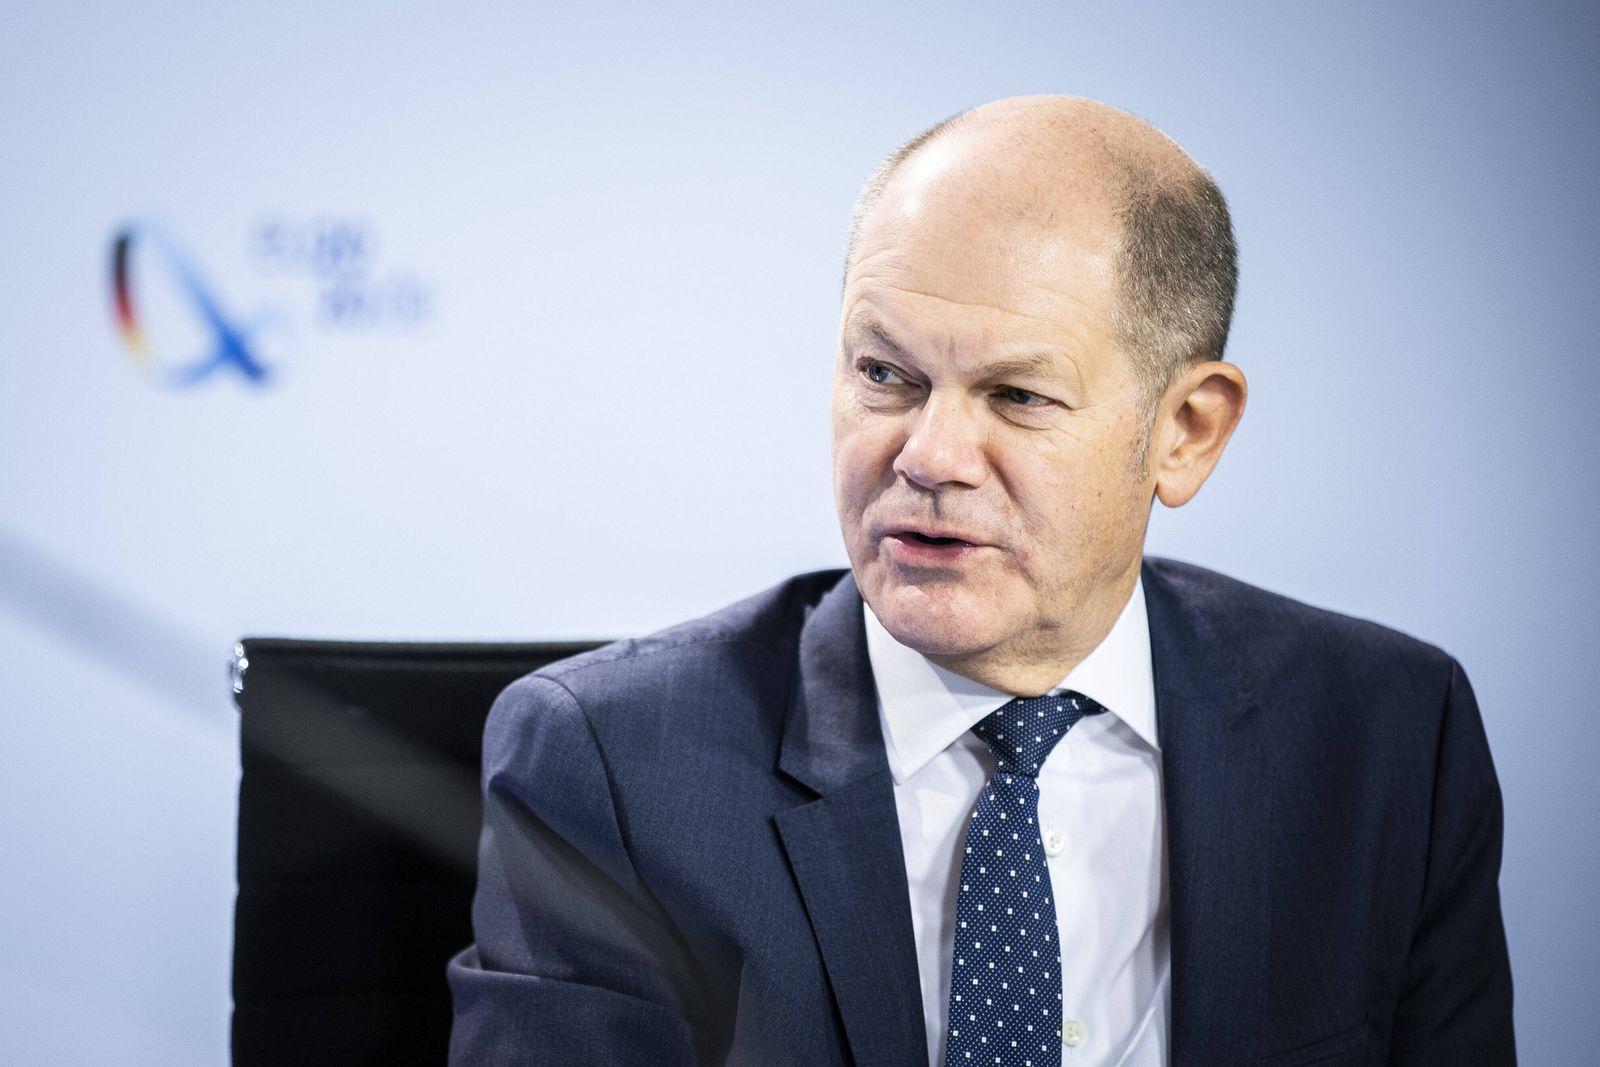 Olaf Scholz, Bundesminister der Finanzen, aufgenommen im Rahmen einer Videokonferenz in Berlin, 20.11.2020. Berlin Germ